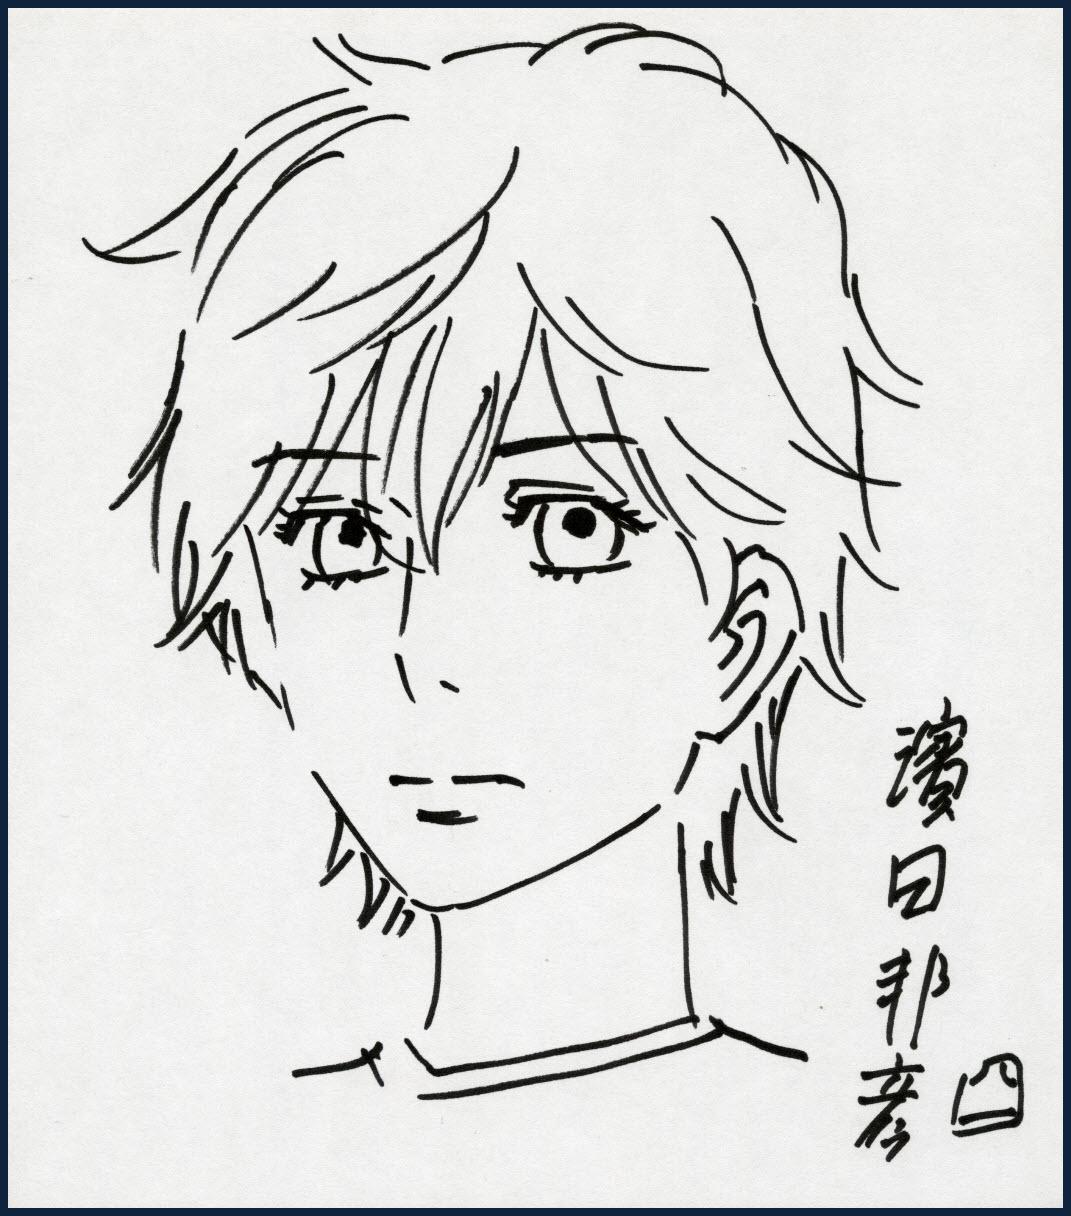 production nana sketches